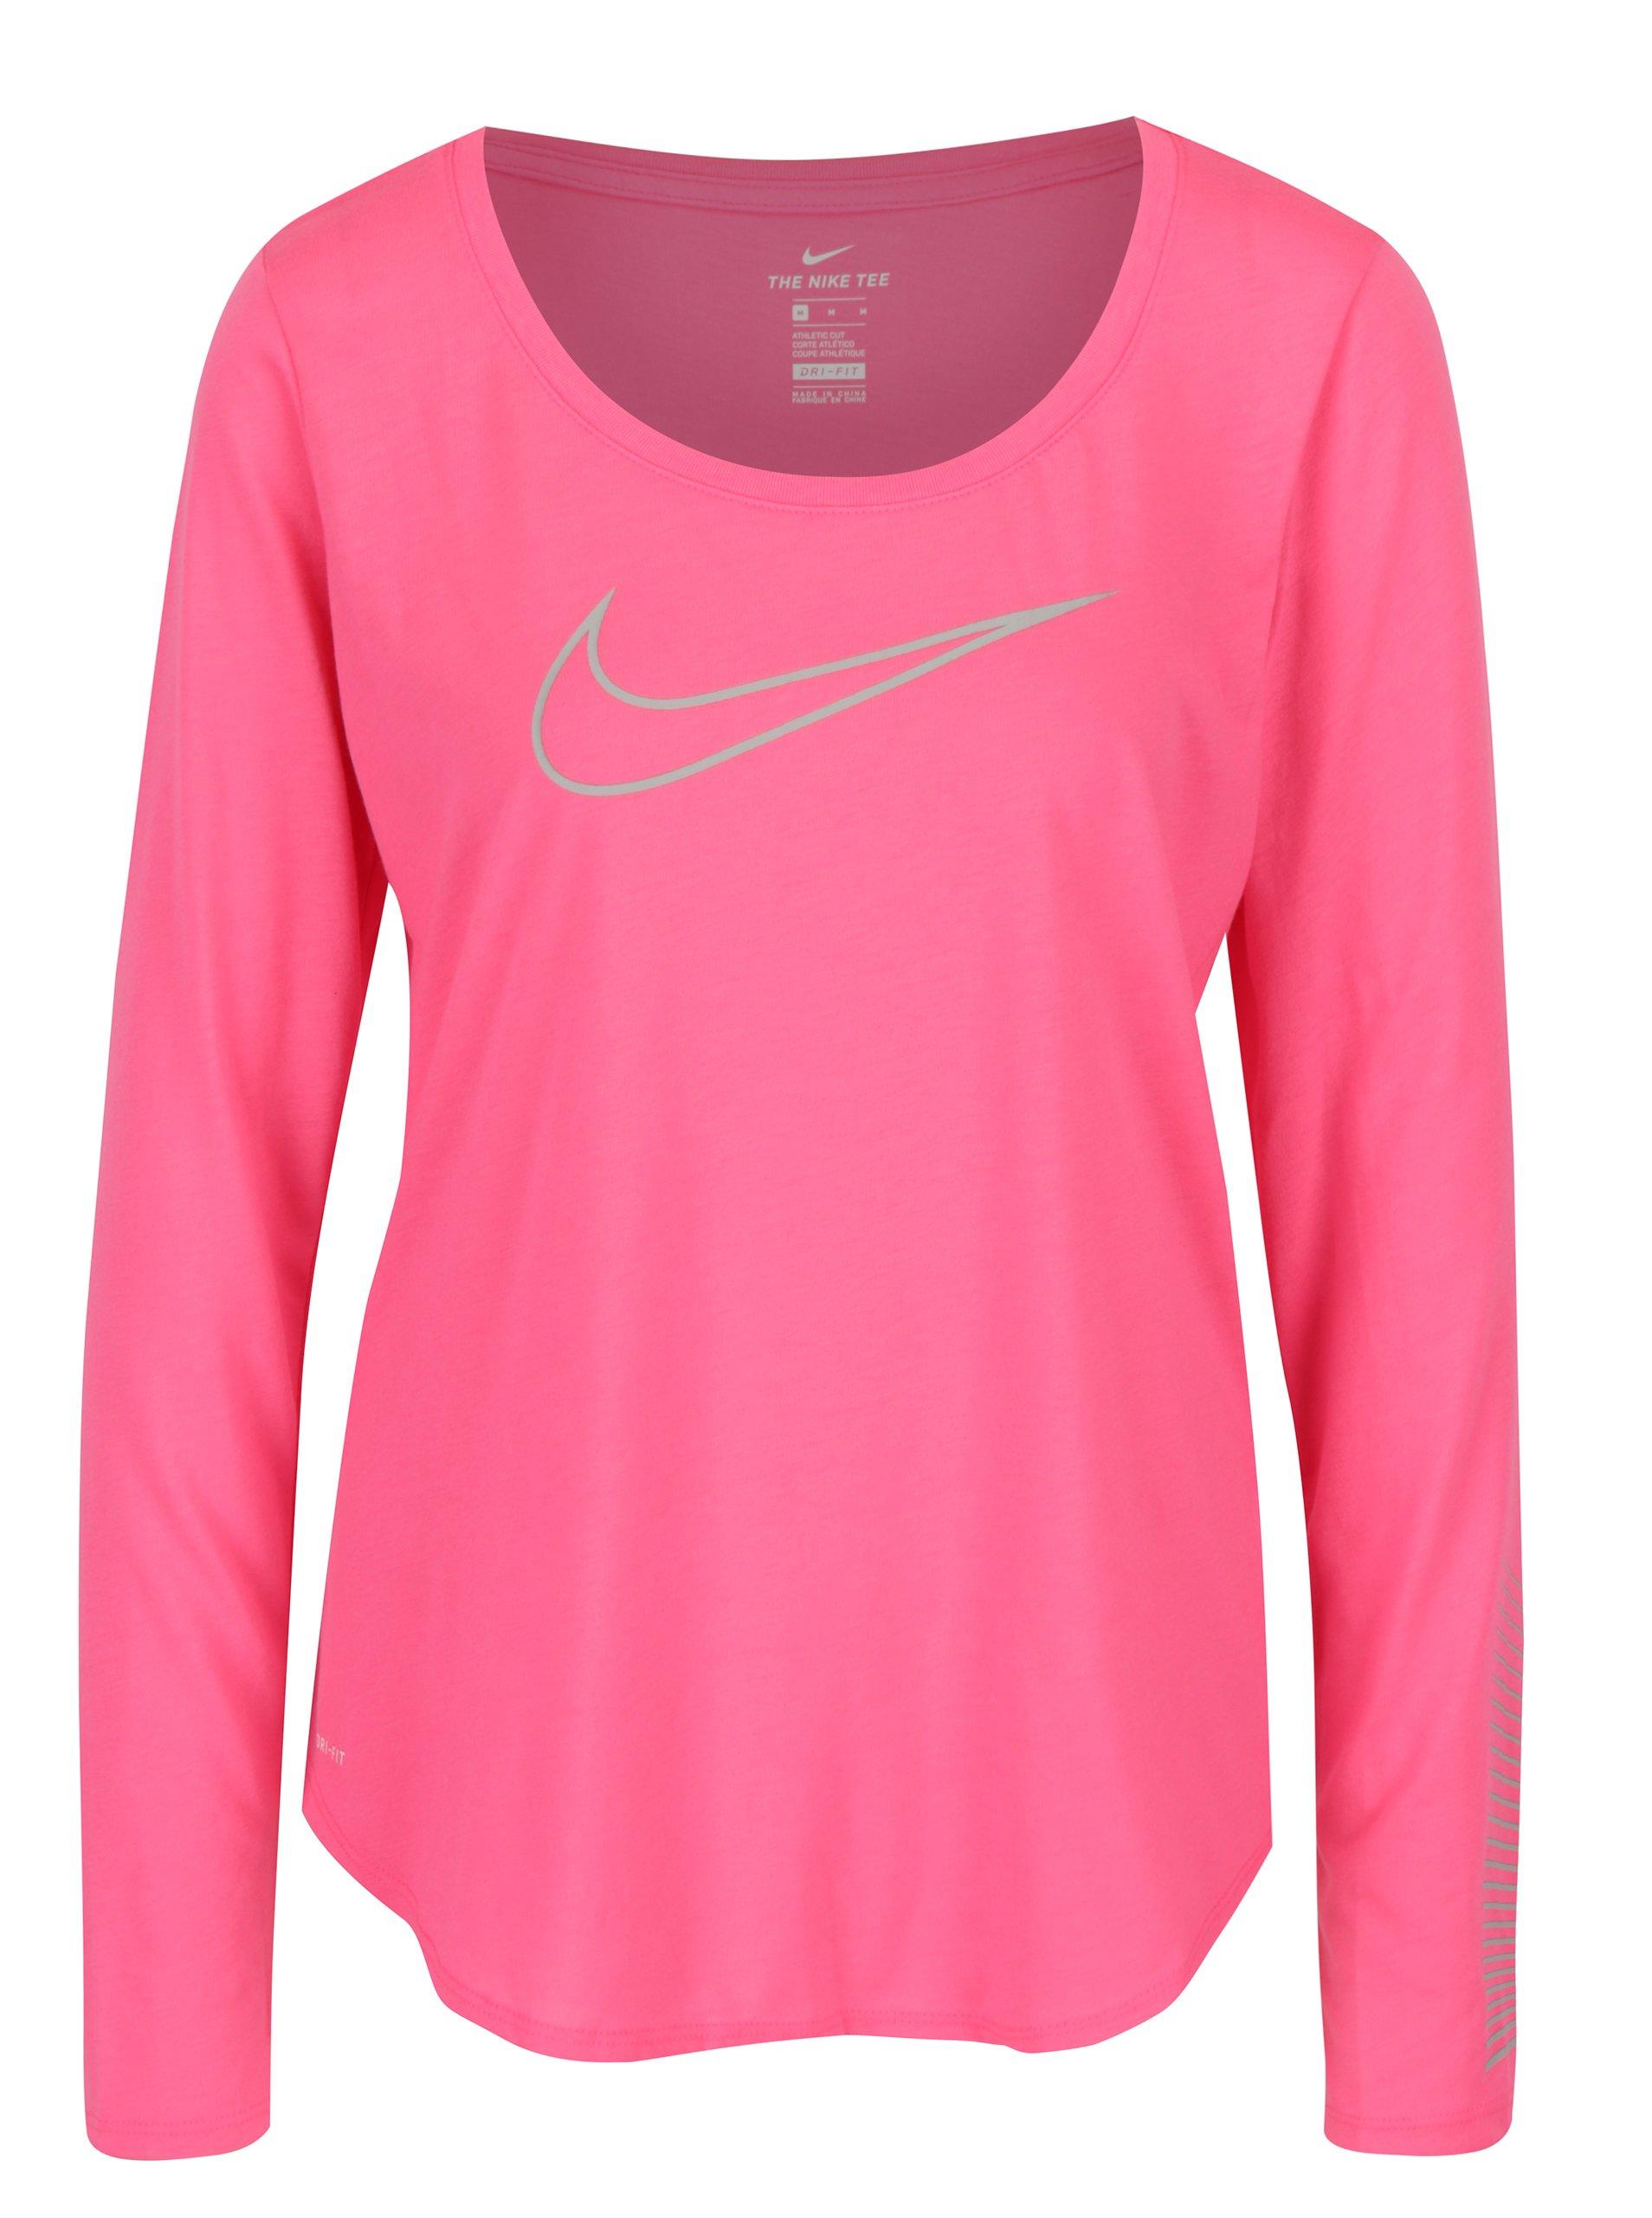 Růžové dámské funkční tričko s potiskem Nike